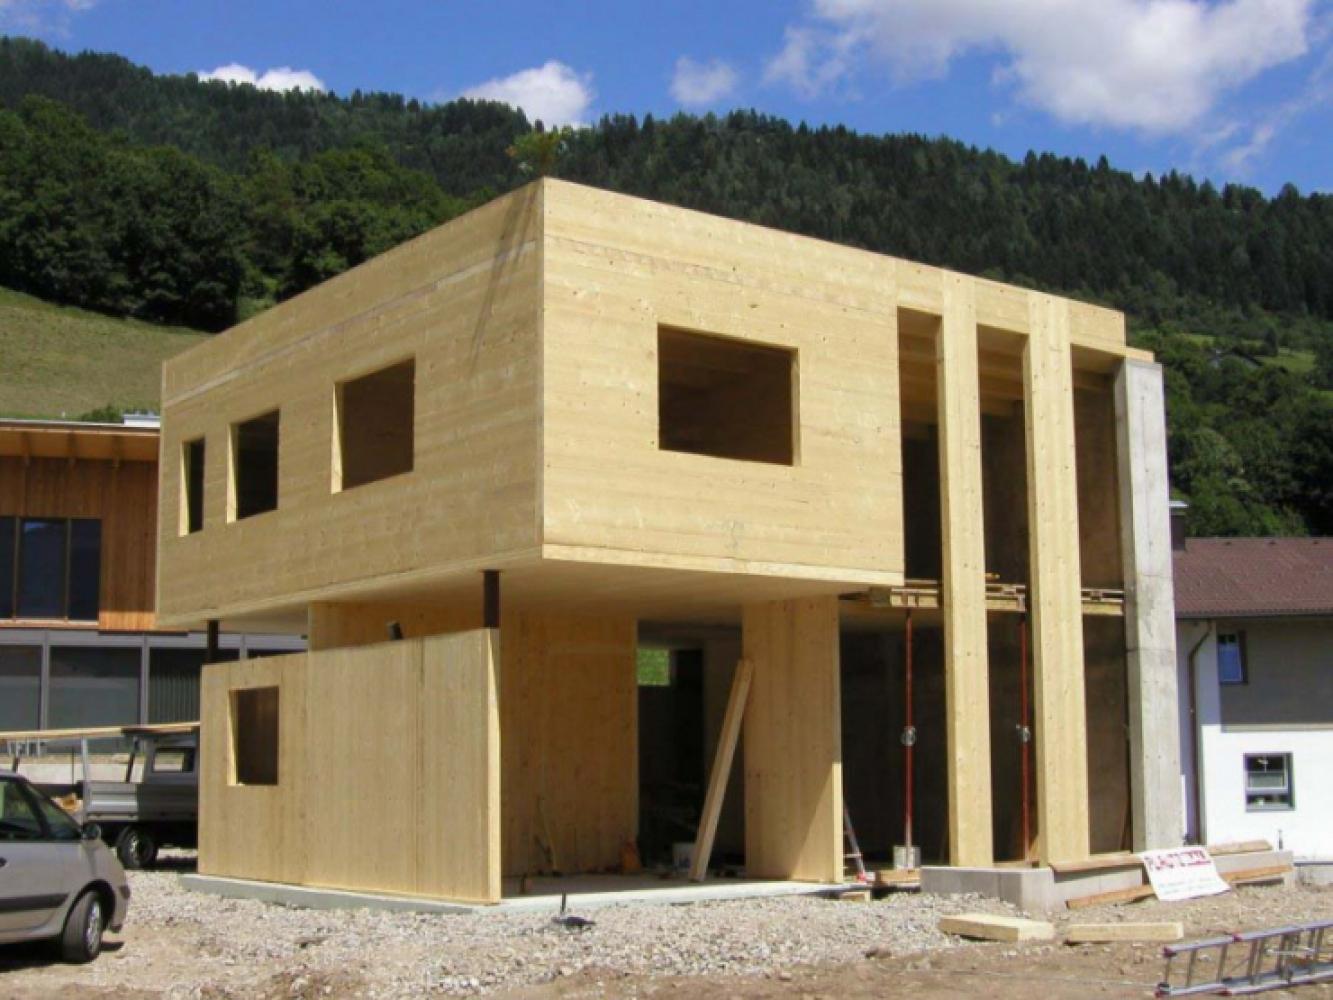 Многоэтажный дом, собранный из CLT панелей из клееного дерева